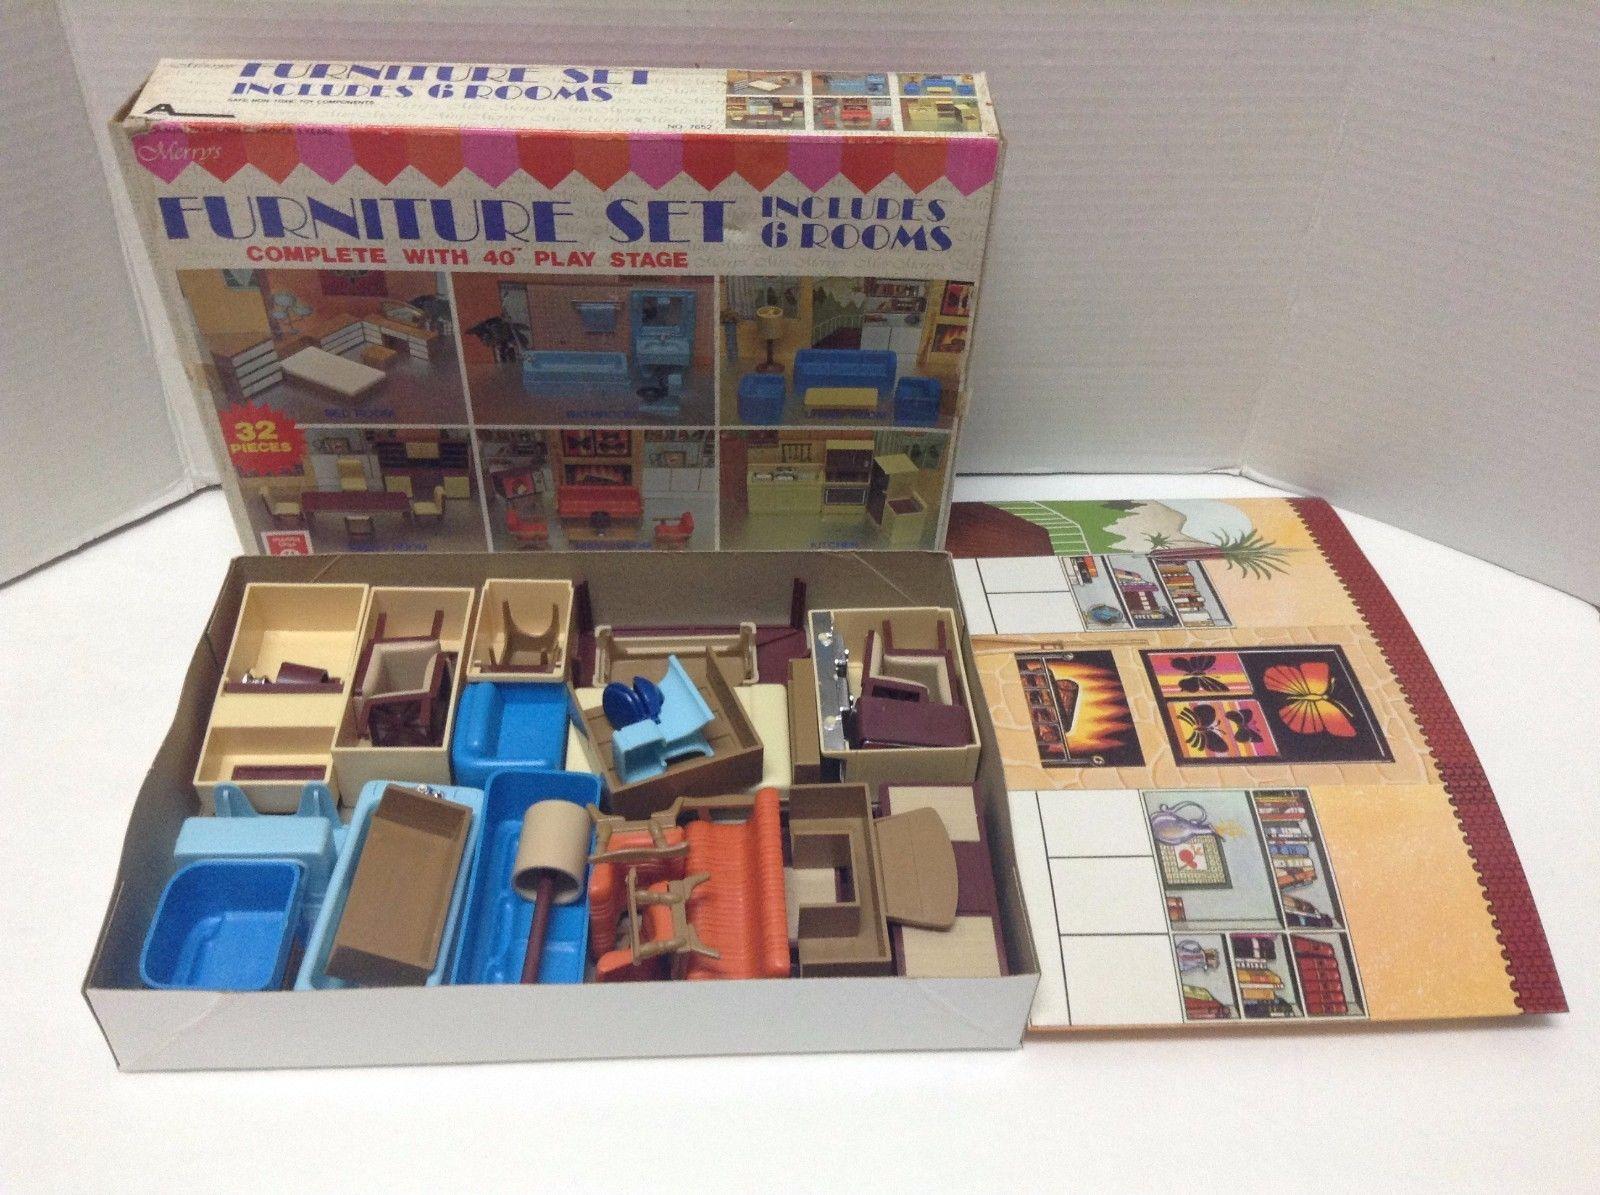 plastic dollhouse furniture sets. vintage retro merryu0027s toys arco plastic dollhouse furniture hong kong kmart sets i